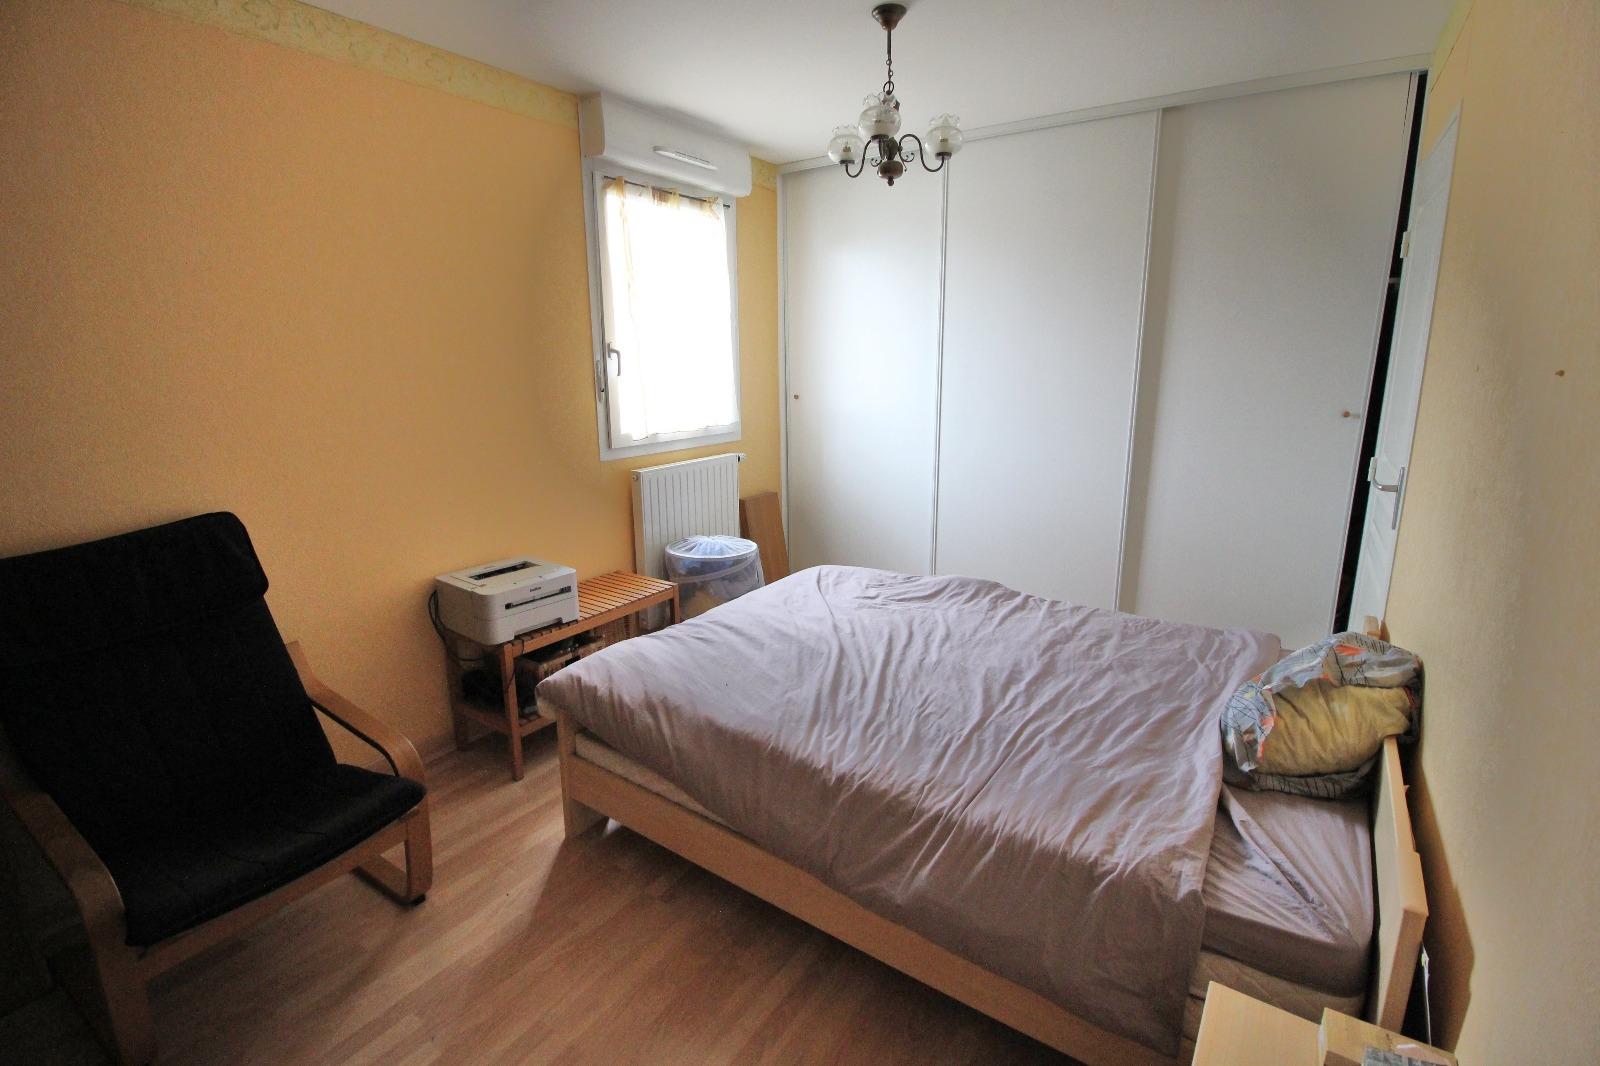 Vente Lons Le Saunier 39000 Appartement F2 De 38 M